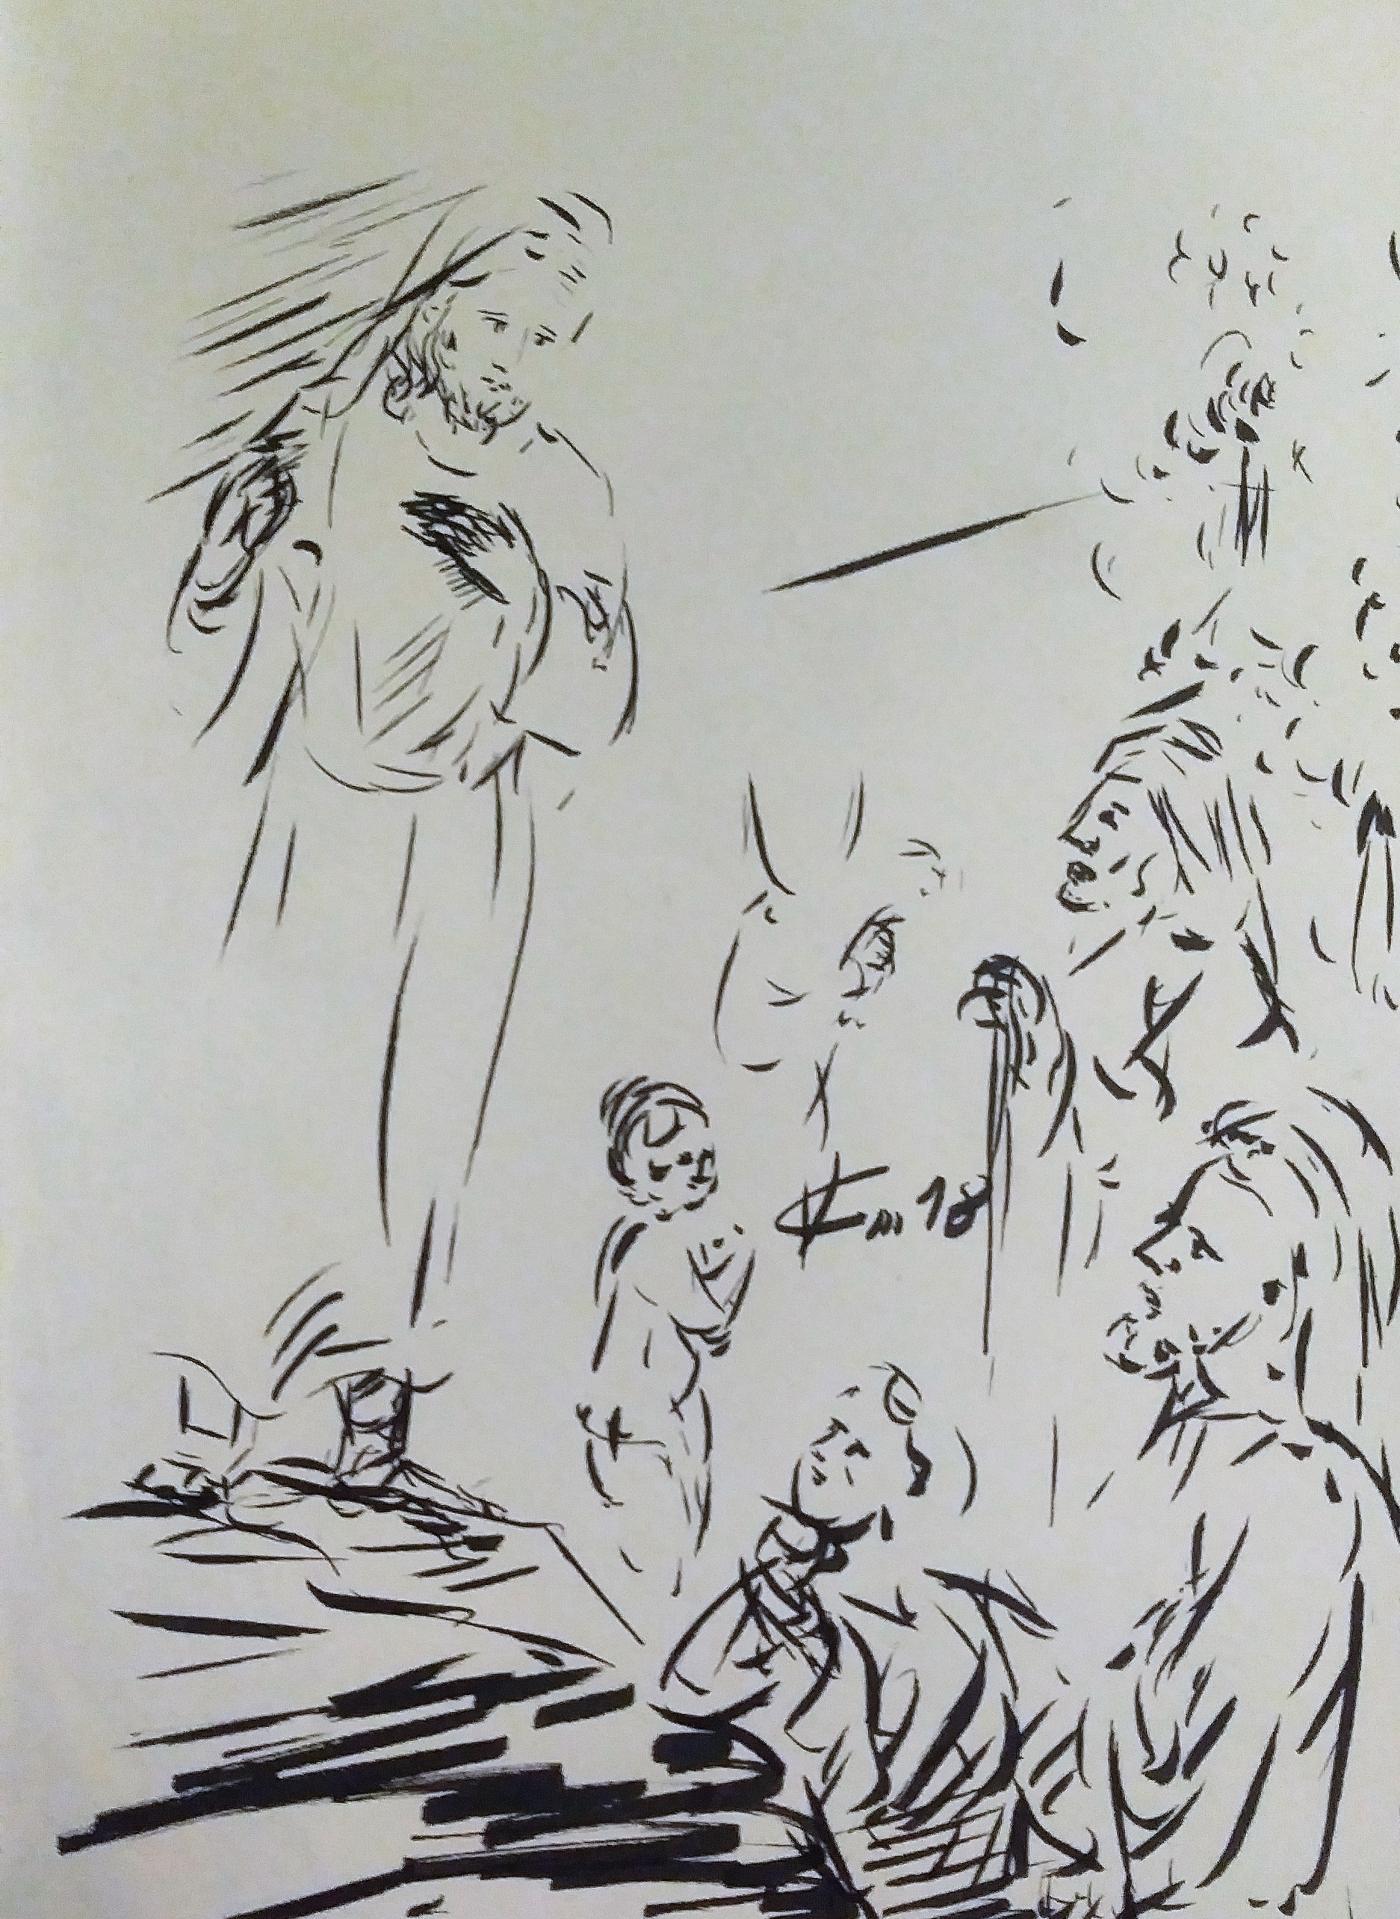 17 Avril 2018, évangile du jour illustré par un dessin à l'encre de chine